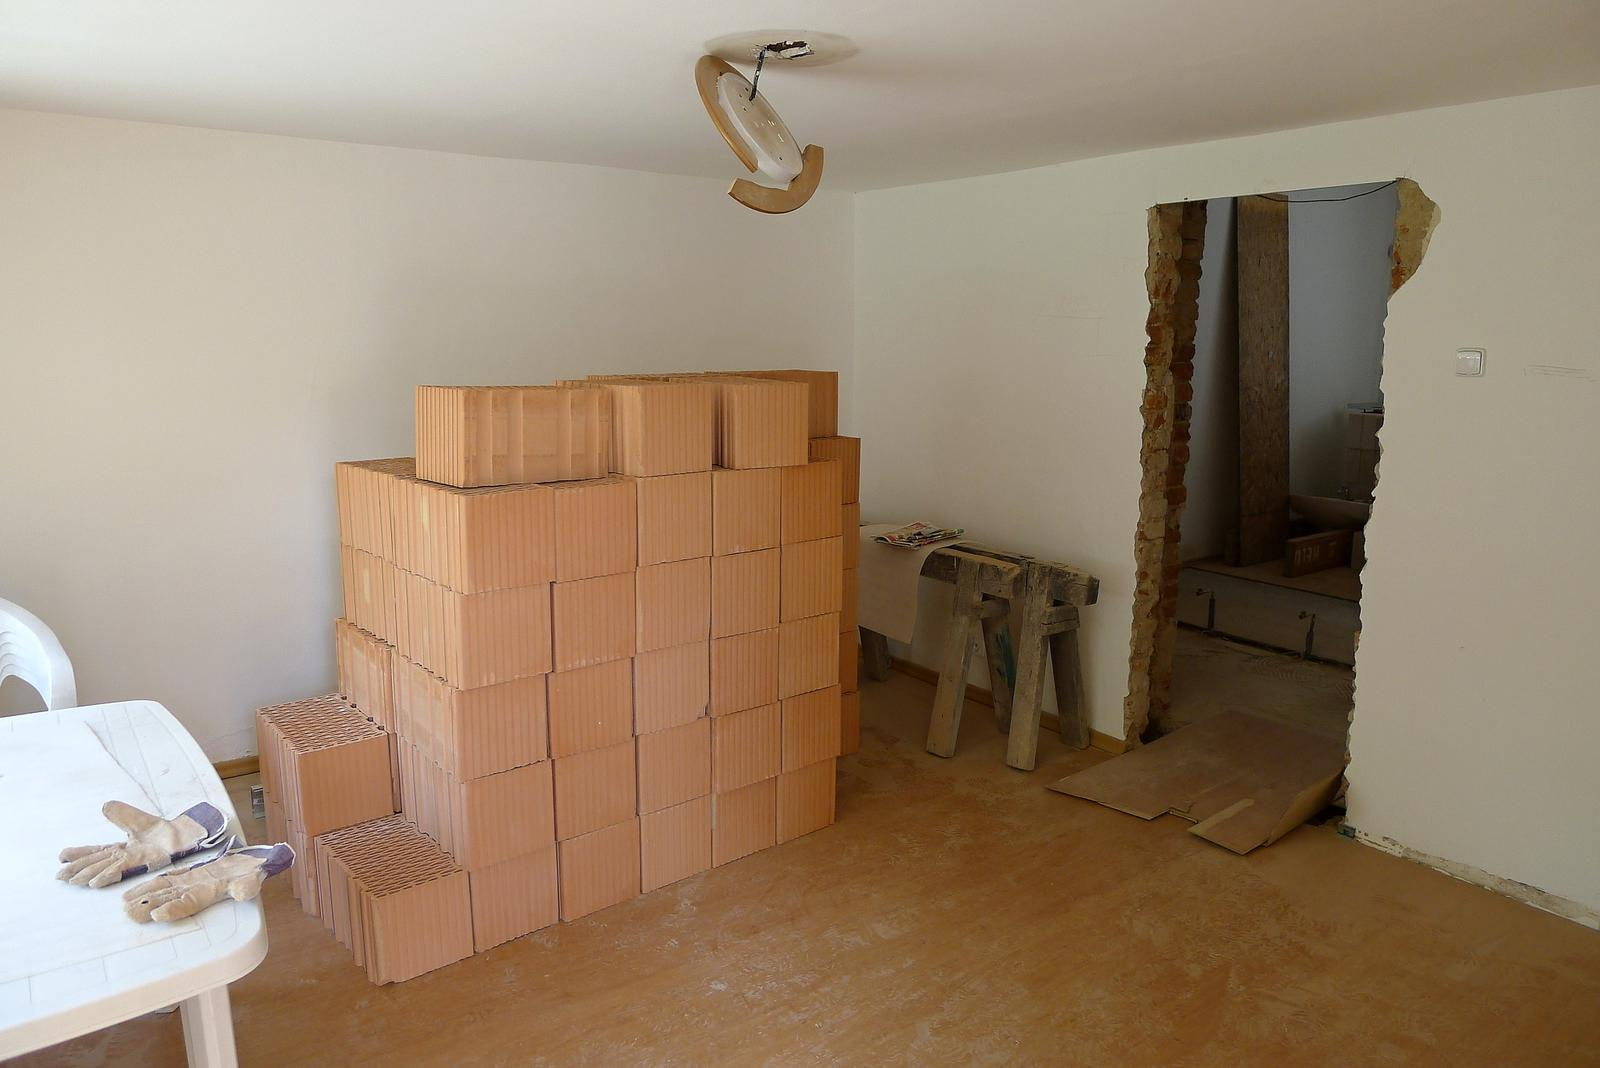 Rekonstrukce našeho domečku - Obrázek č. 18